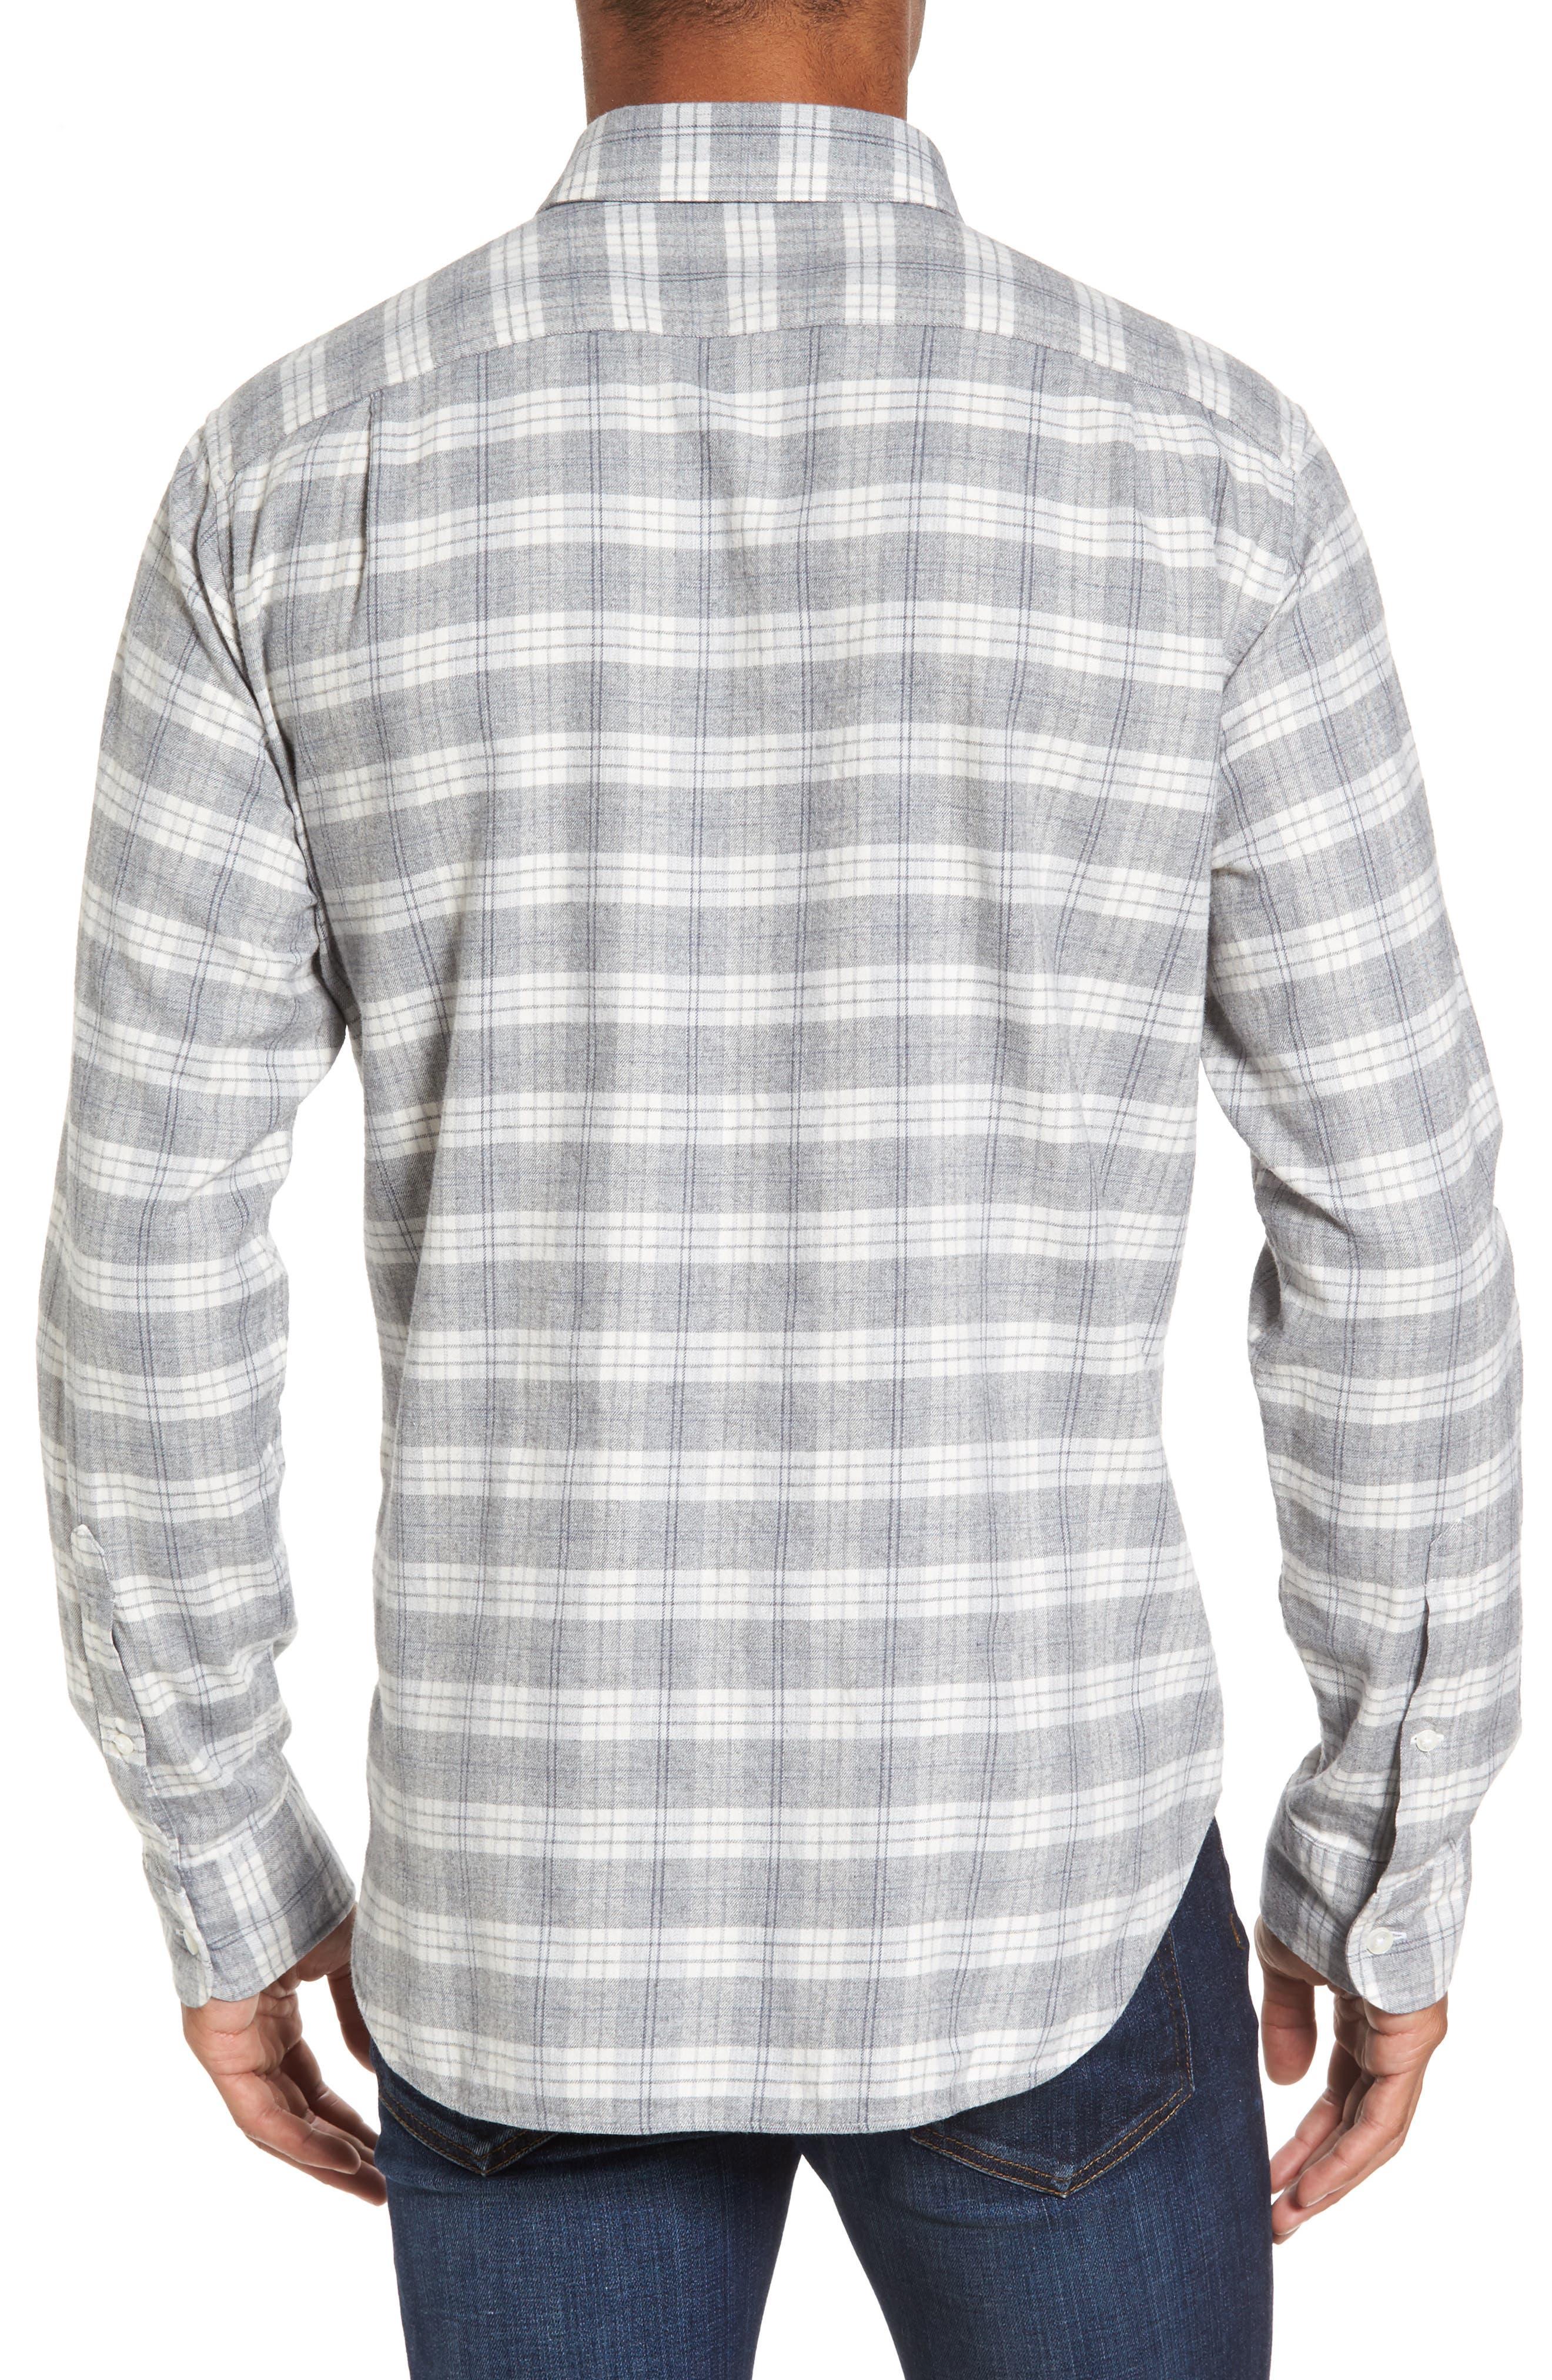 Alternate Image 2  - Bonobos Slim Fit Plaid Twill Sport Shirt